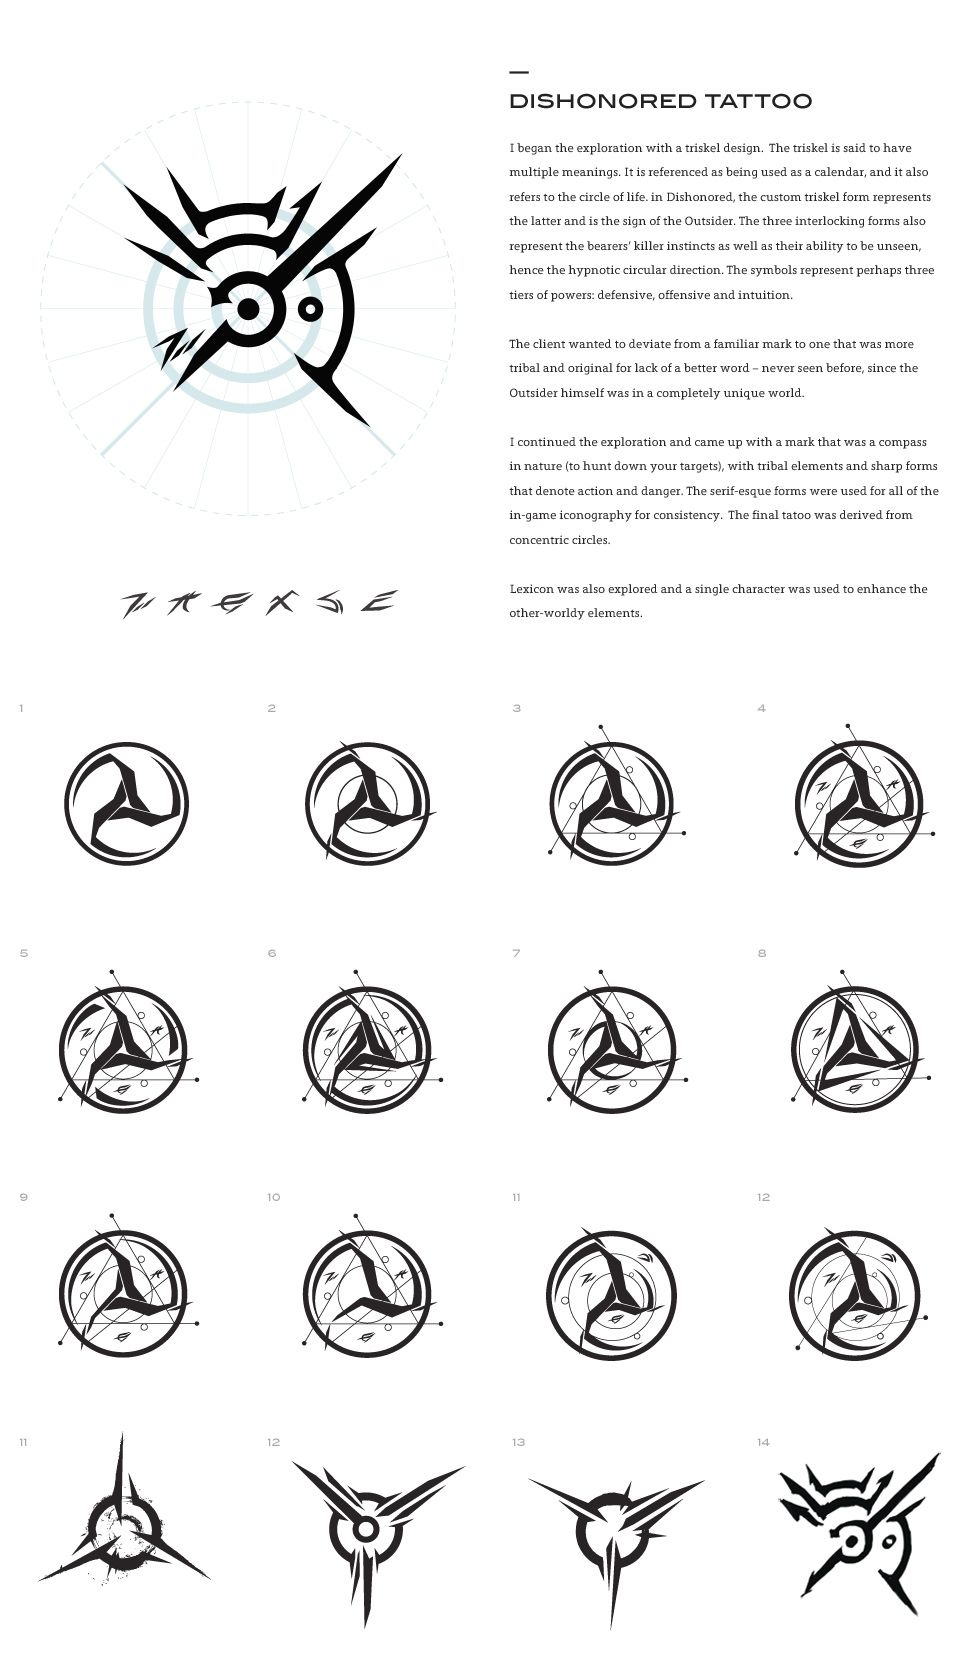 Er komen runes voor in het boek runes zijn tekens die bepaalde er komen runes voor in het boek runes zijn tekens die bepaalde mogelijkhedenskills biocorpaavc Image collections